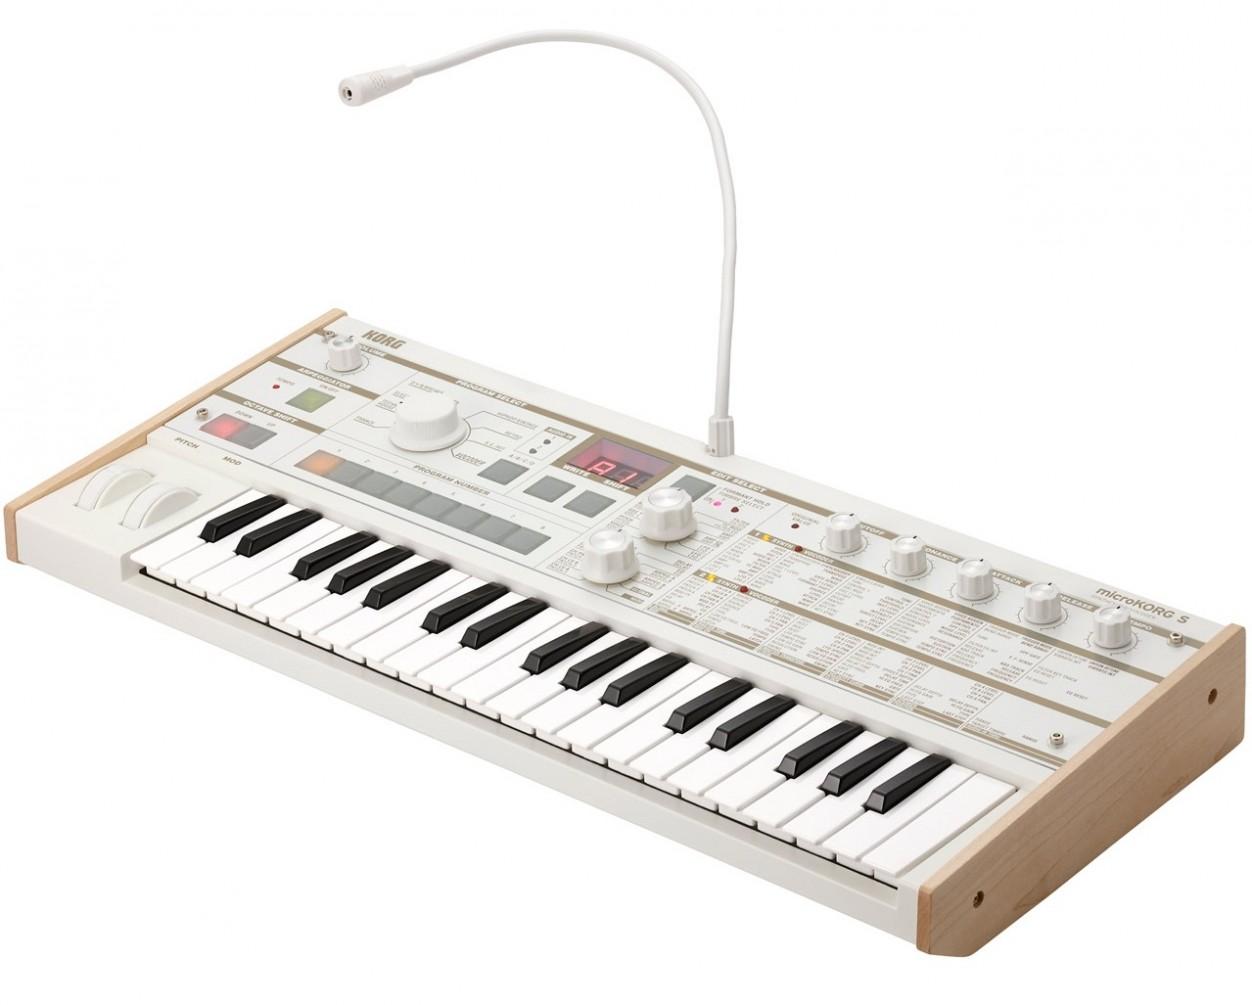 Аналогово-моделирующий синтезатор KORG microKORG S MK-1S: фото